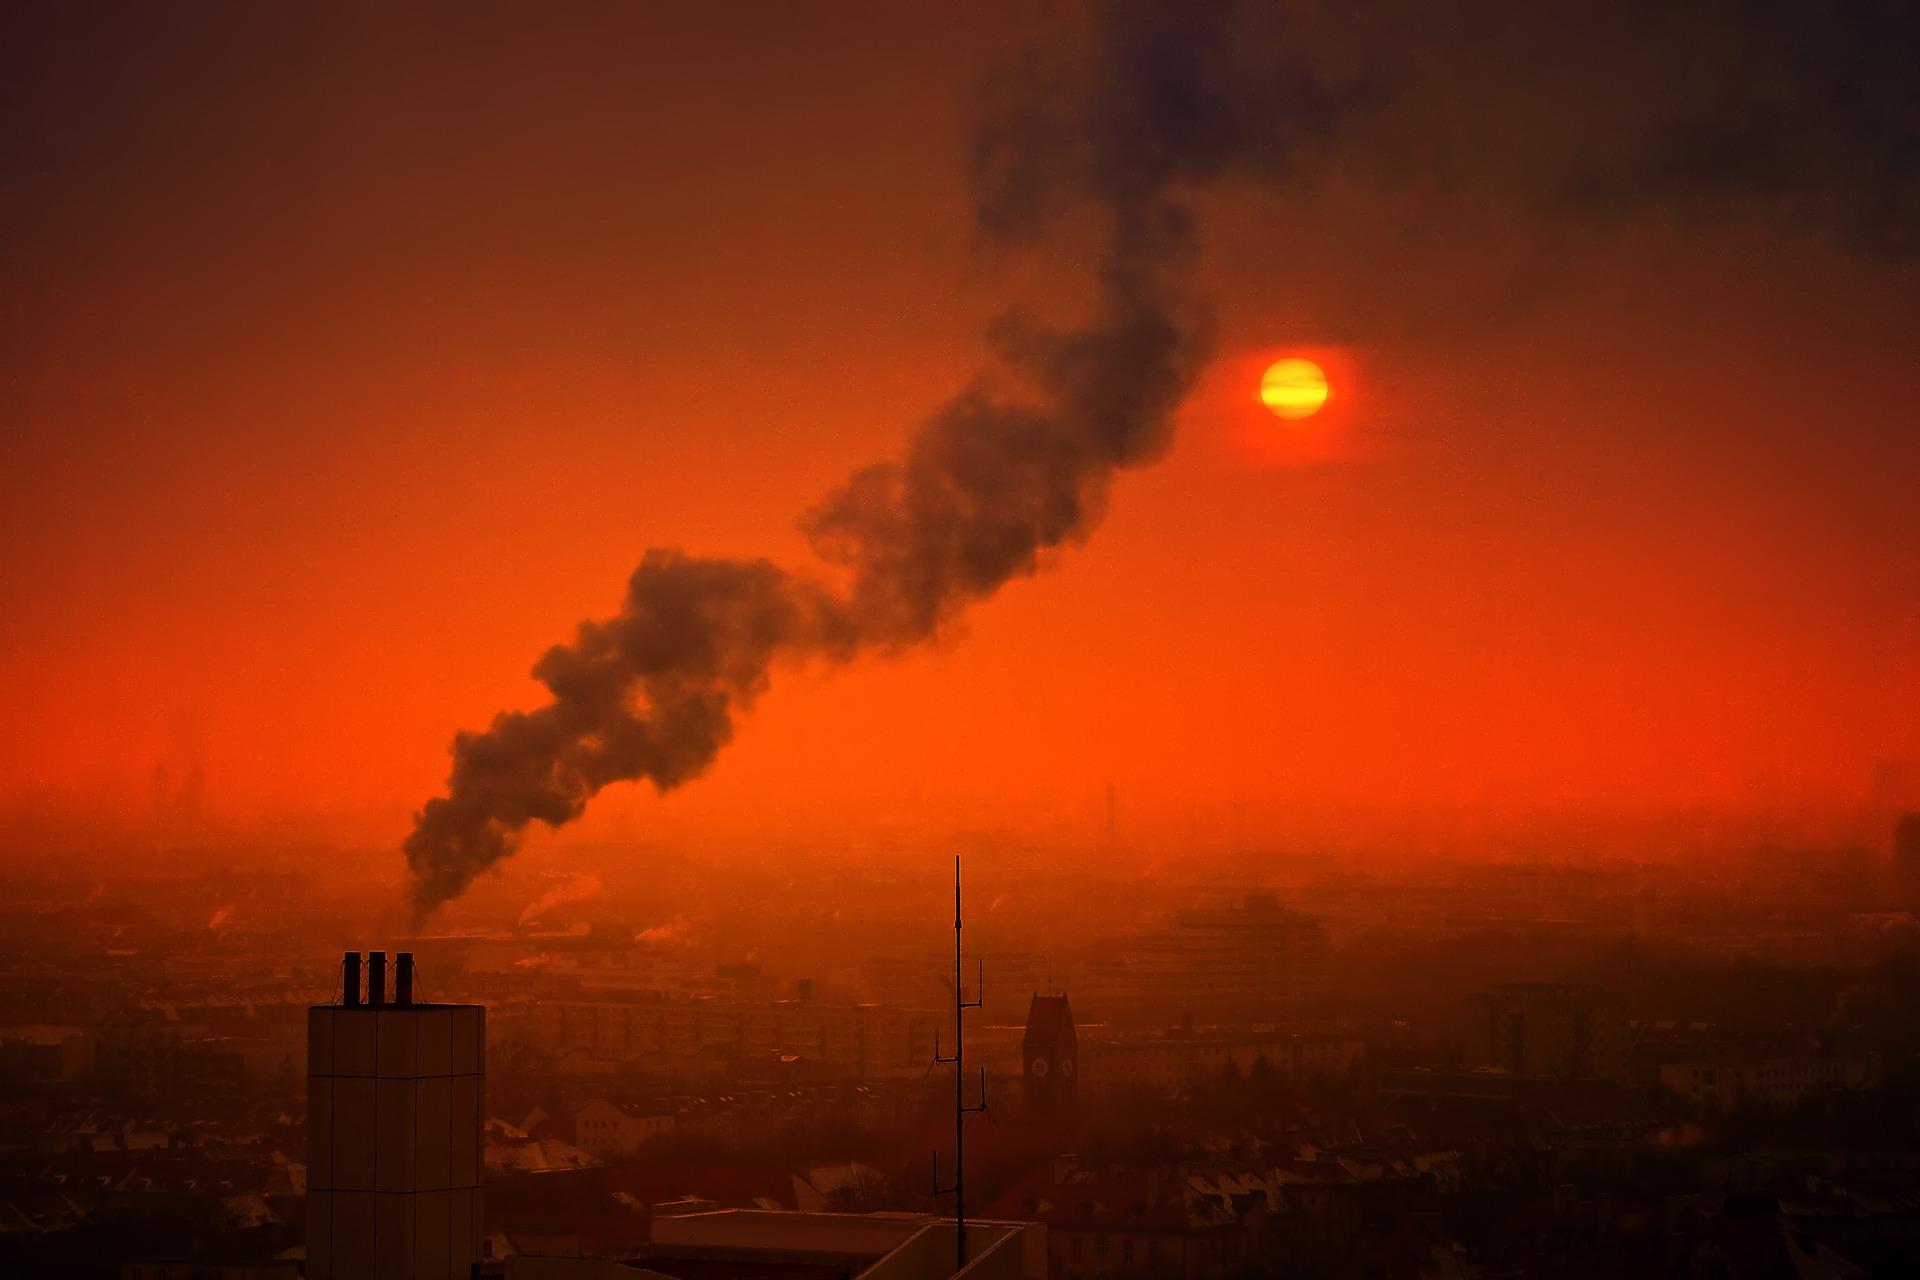 Comment le réchauffement planétaire conduit à une dégradation de la qualité de l'air – SciencePost